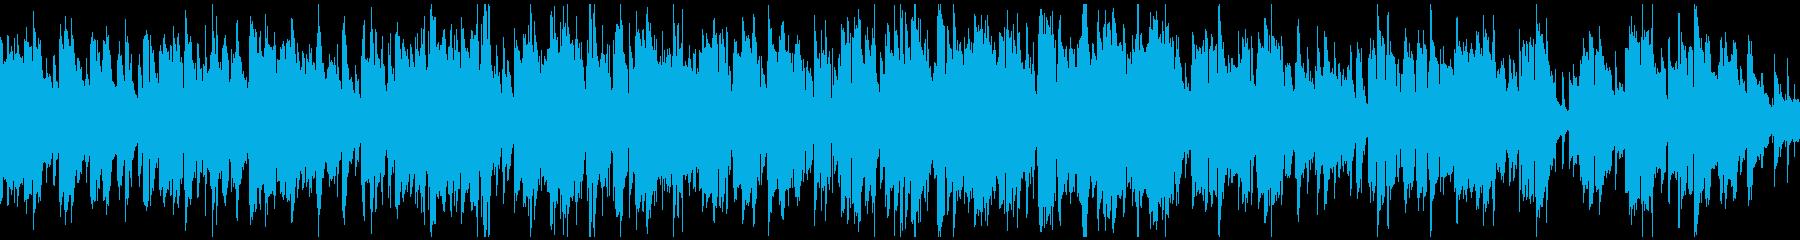 生演奏ソプラノサックスのジャズ※ループ版の再生済みの波形